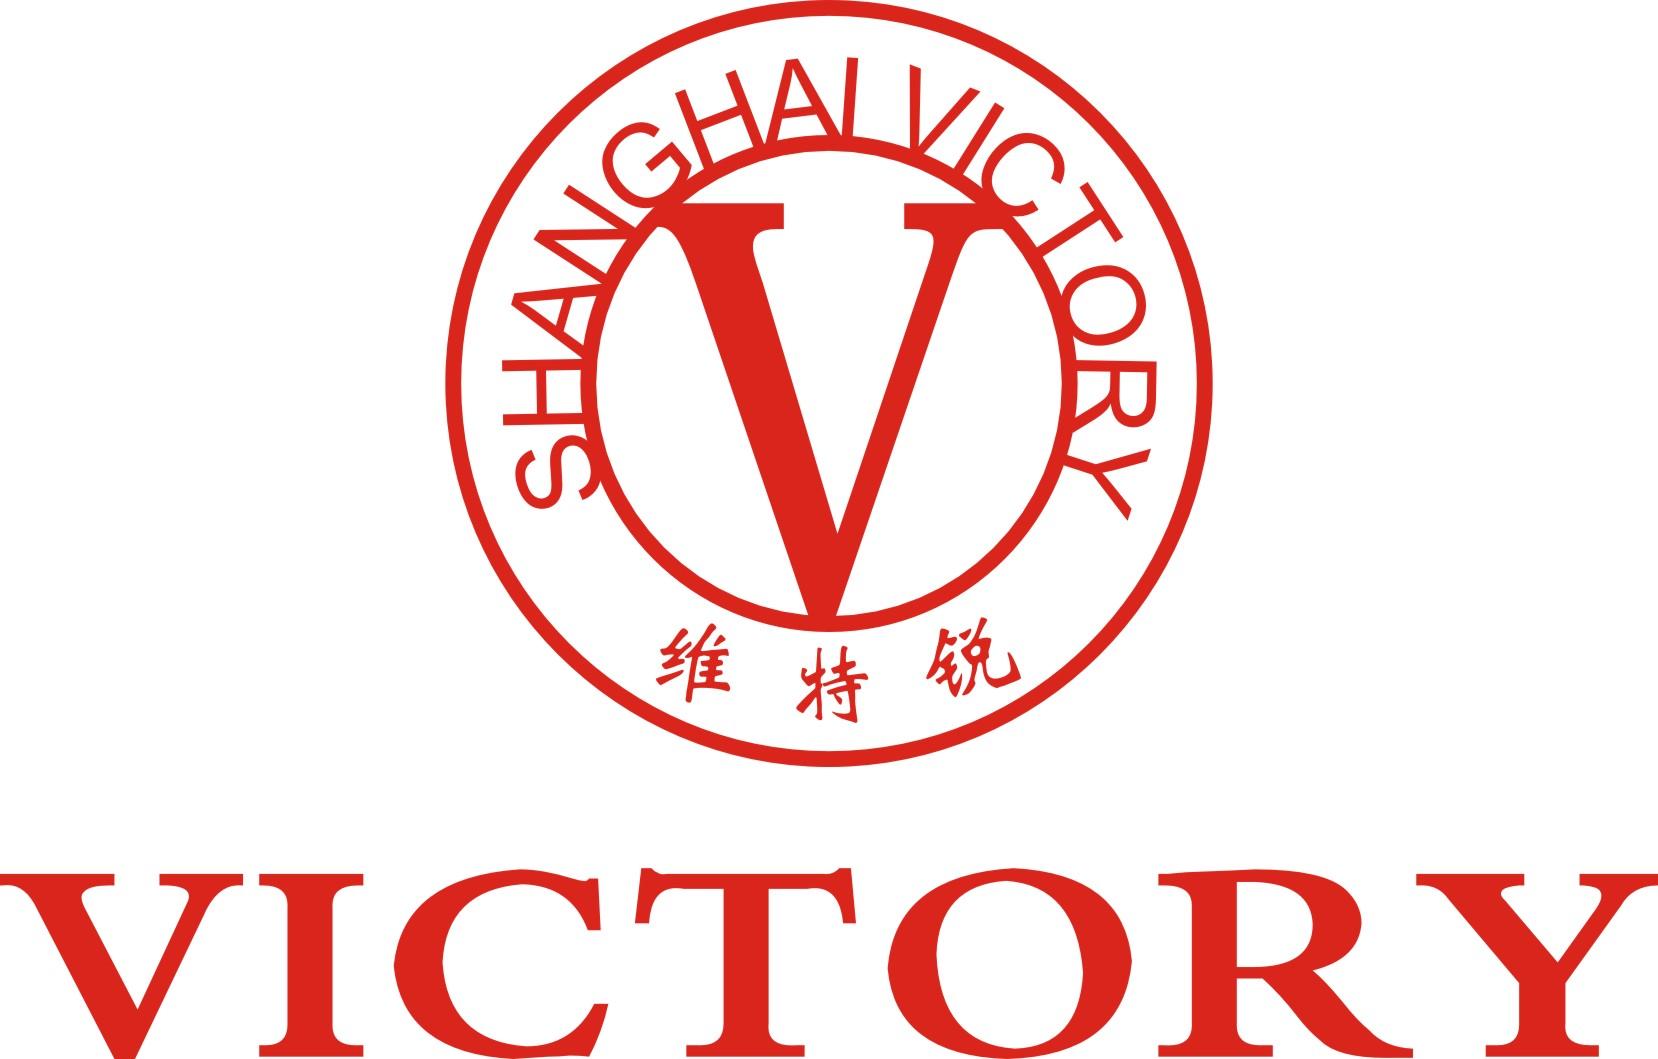 上海維特銳實業發展有限公司